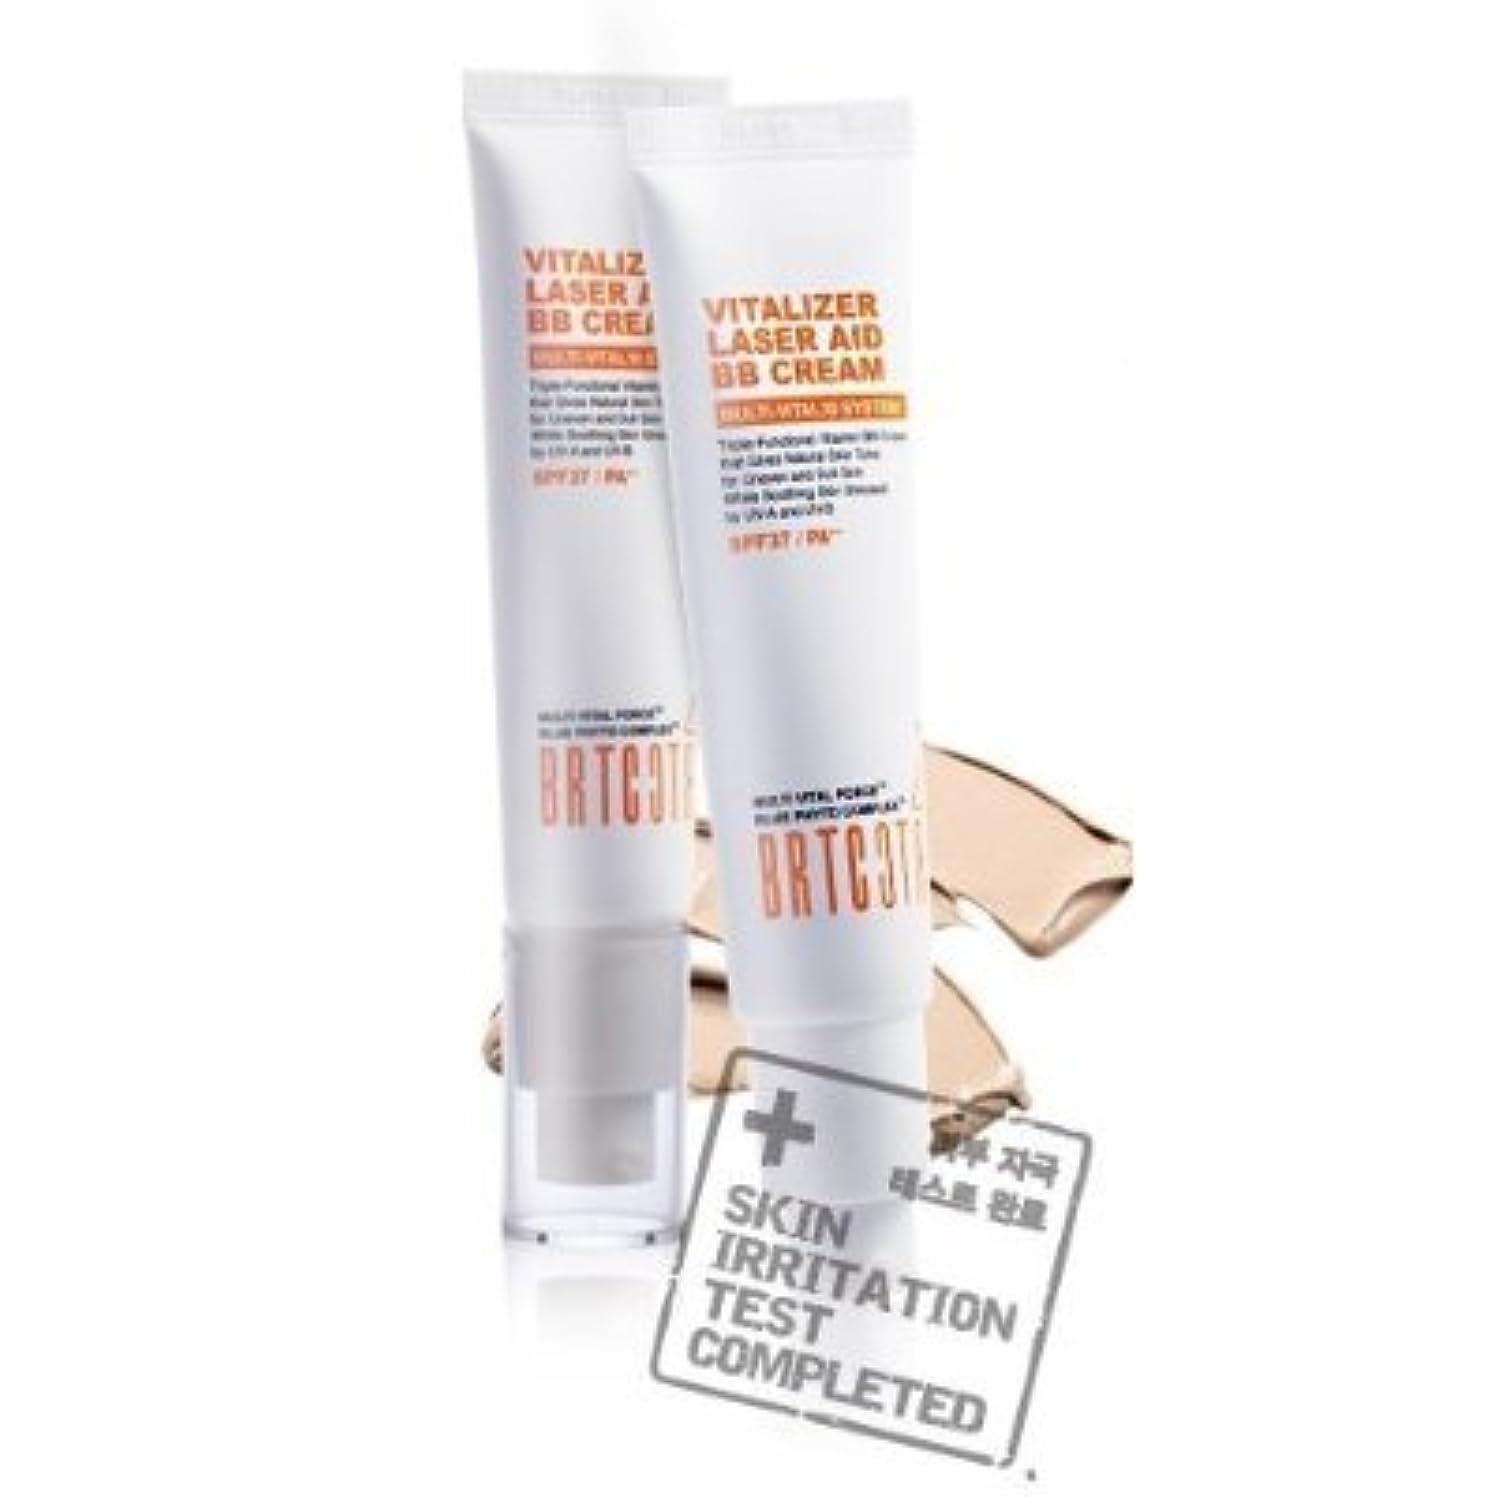 リーホールふさわしいKOREAN COSMETICS, BRTC, Vitalizer Laser Aid BB Cream 35g (whitening, anti-wrinkle, UV protection SPF37/PA + +,...